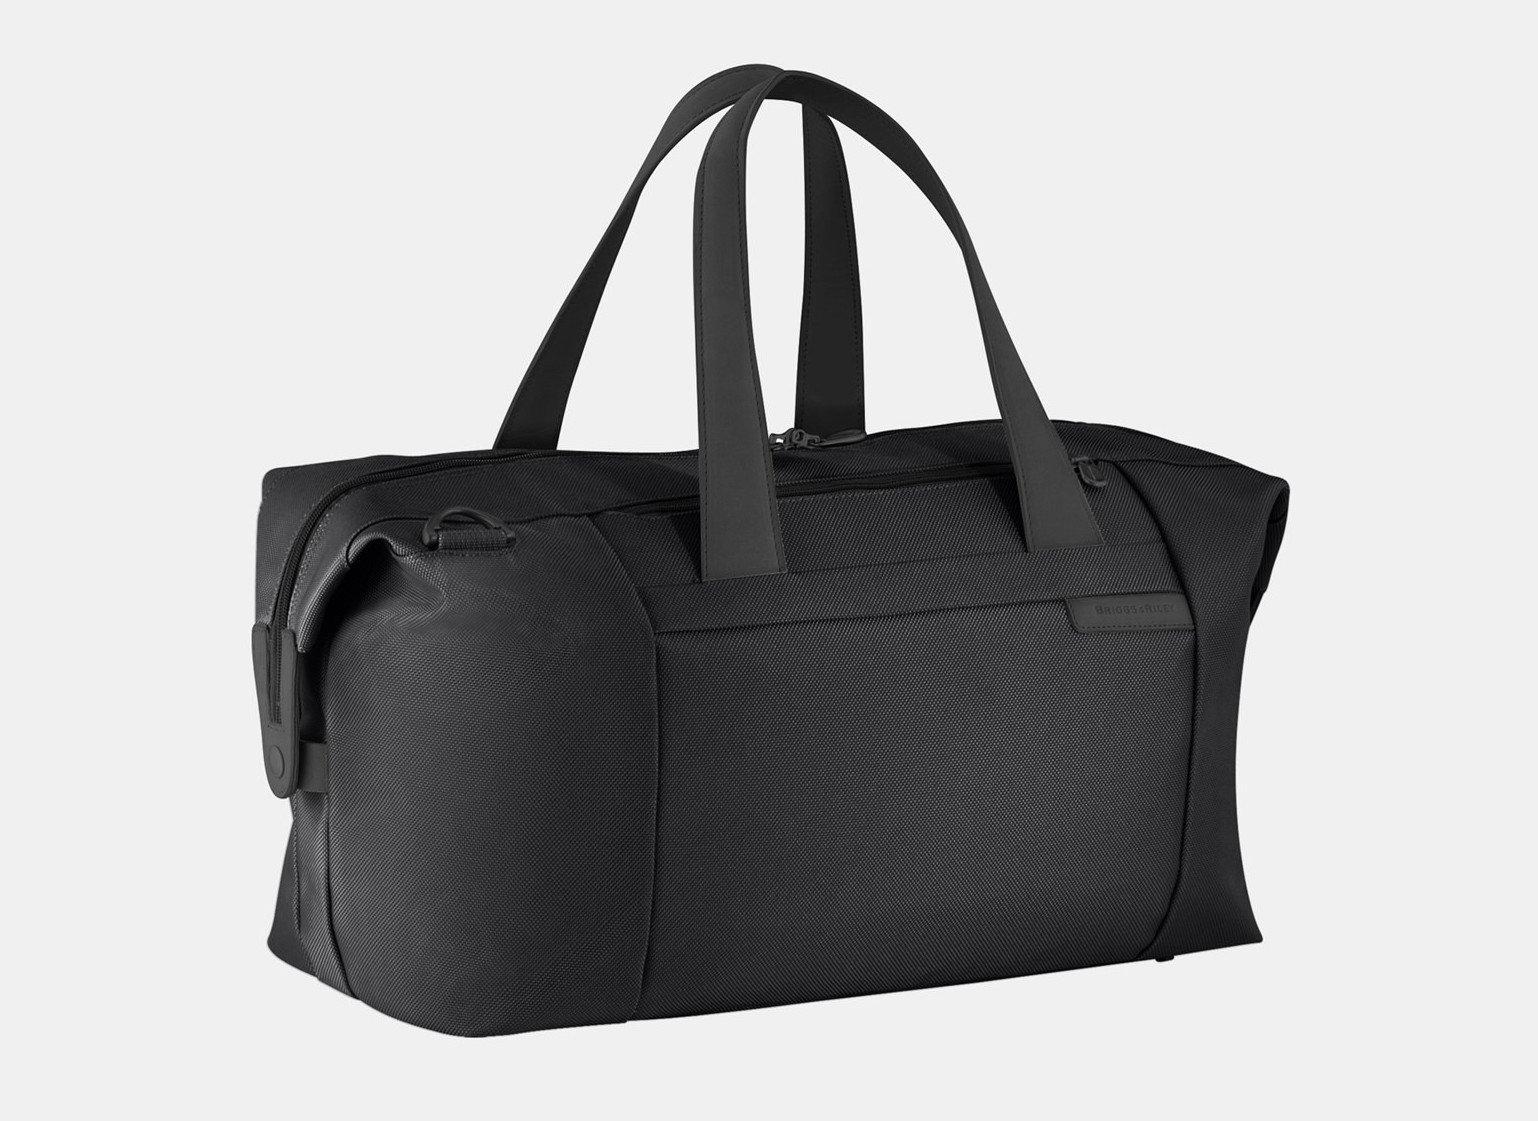 Style + Design bag black handbag product accessory basket shoulder bag leather hand luggage product design brand baggage luggage & bags